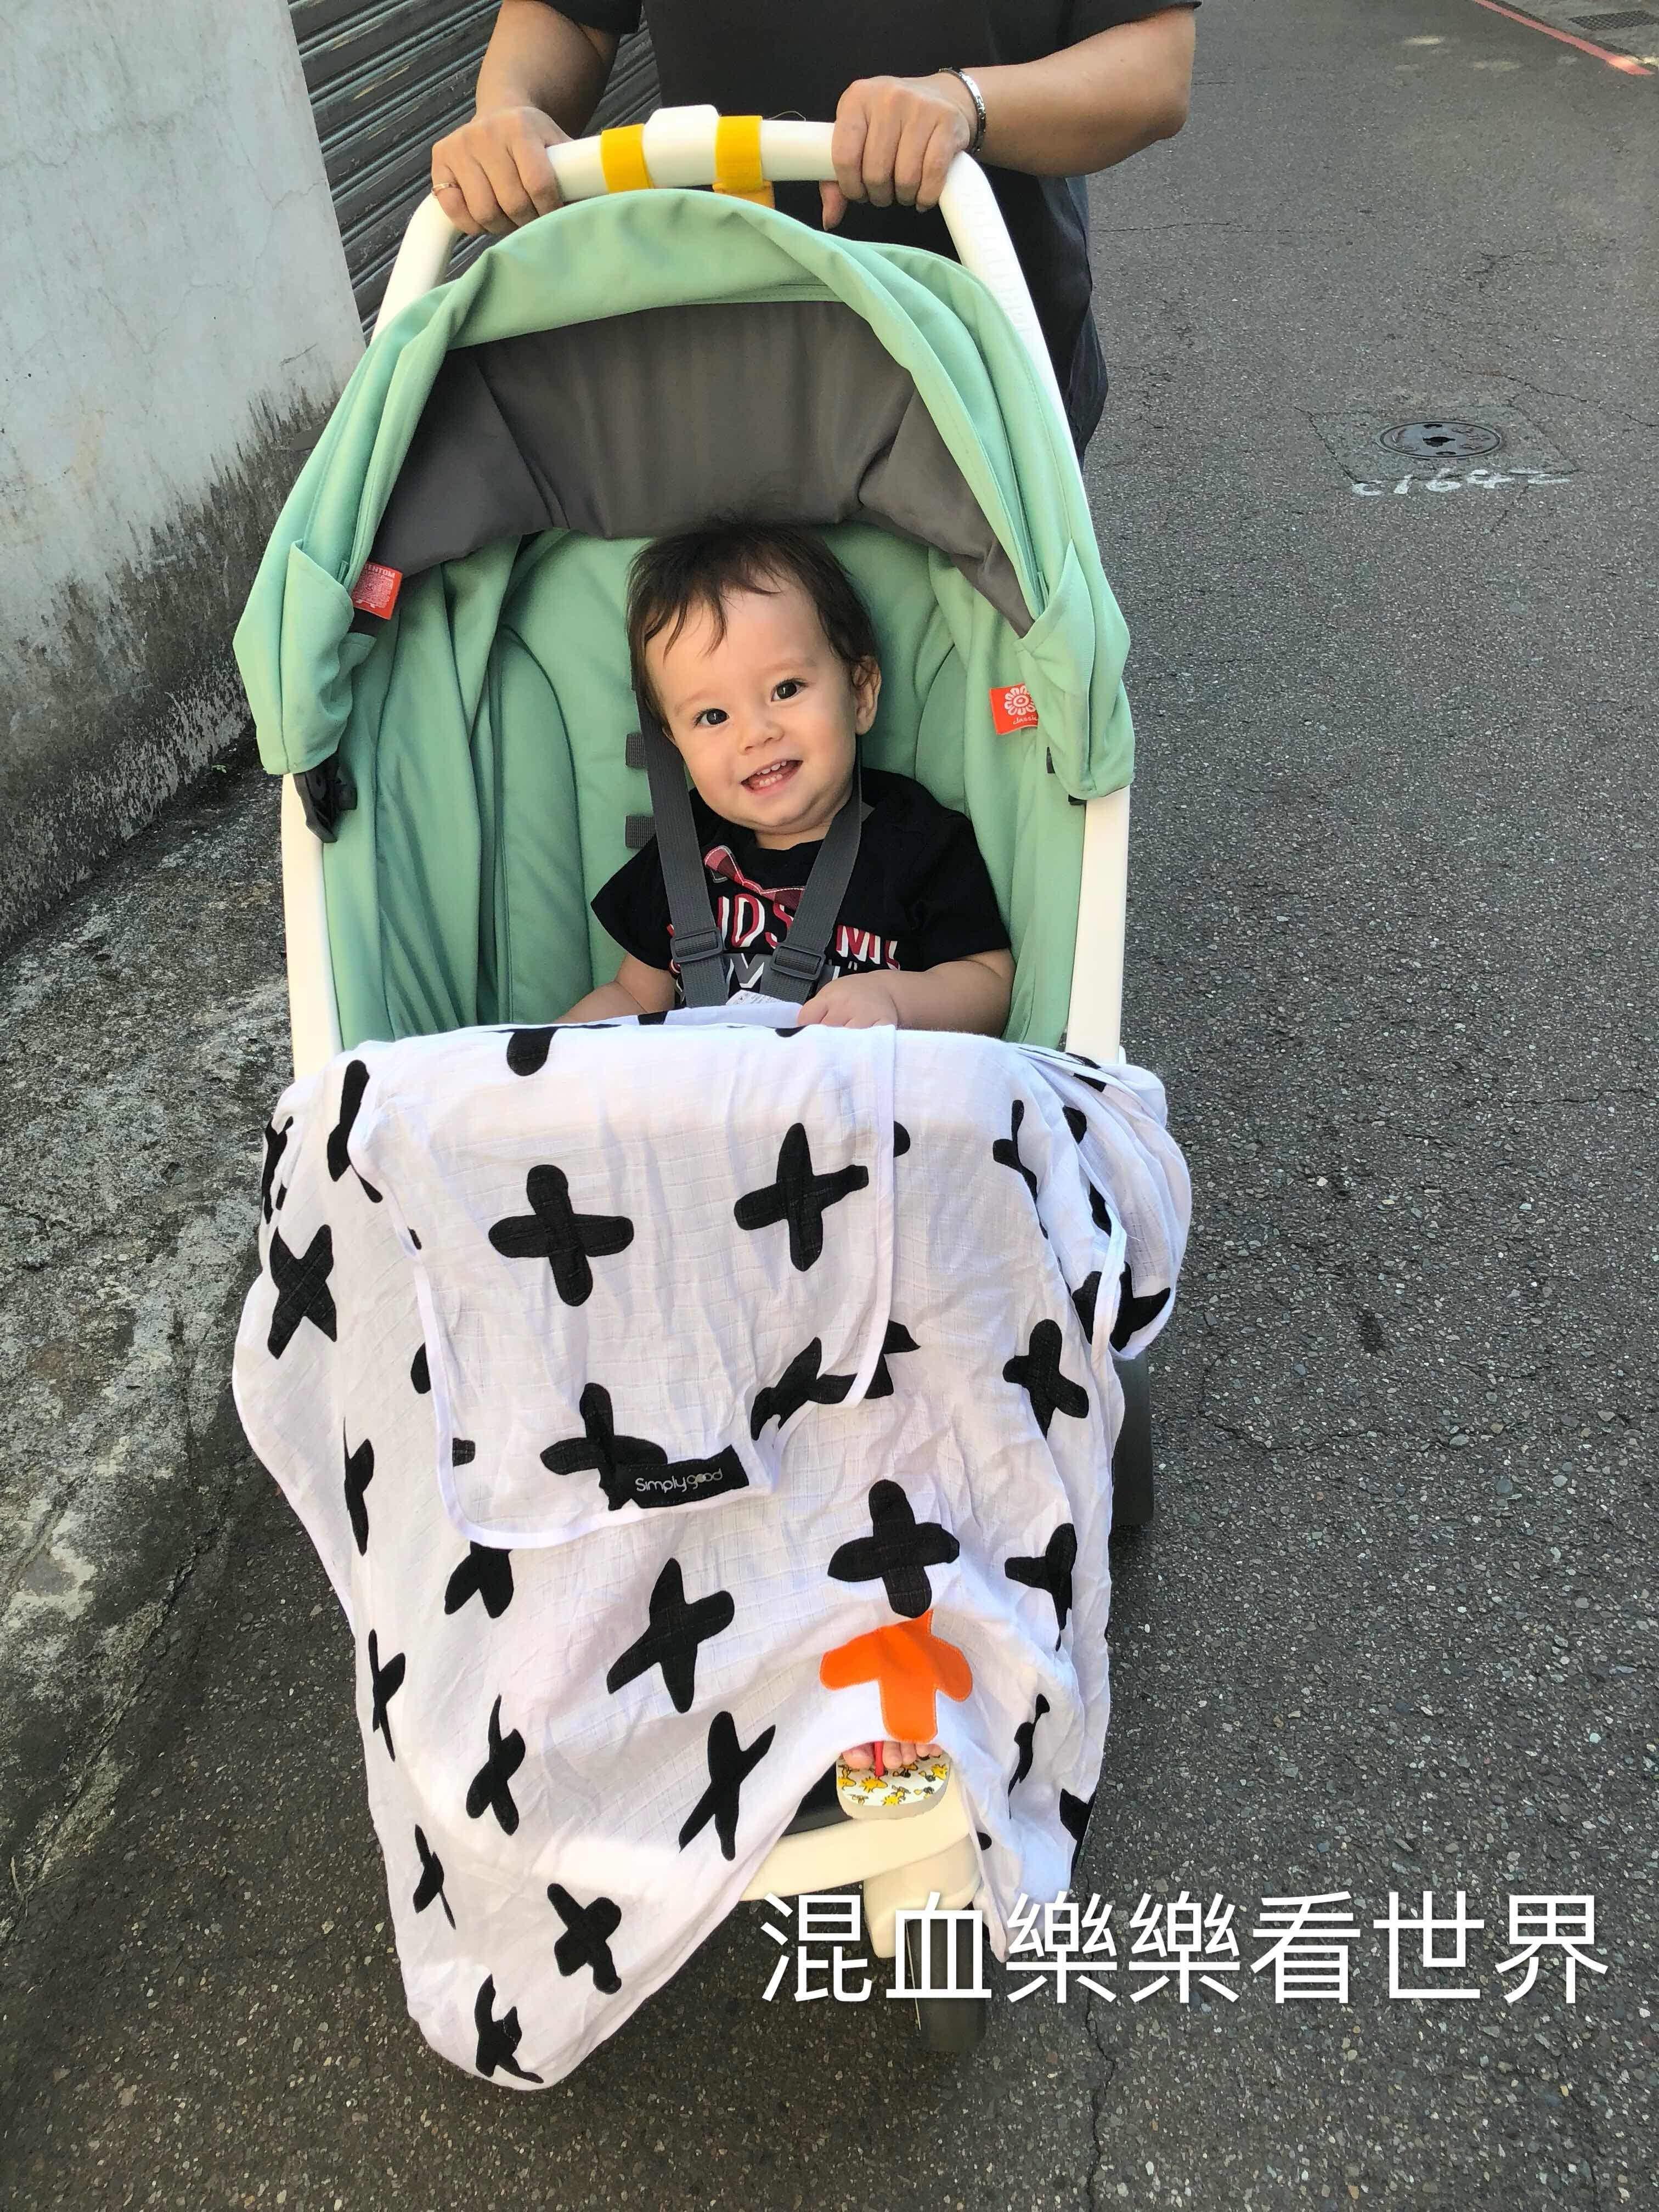 【育兒好物】LAVIDA育兒好好玩!!推車好朋友!讓爸媽育兒外出更簡單方便的以色列SimplyGood推車防風遮陽罩與推車置物網袋